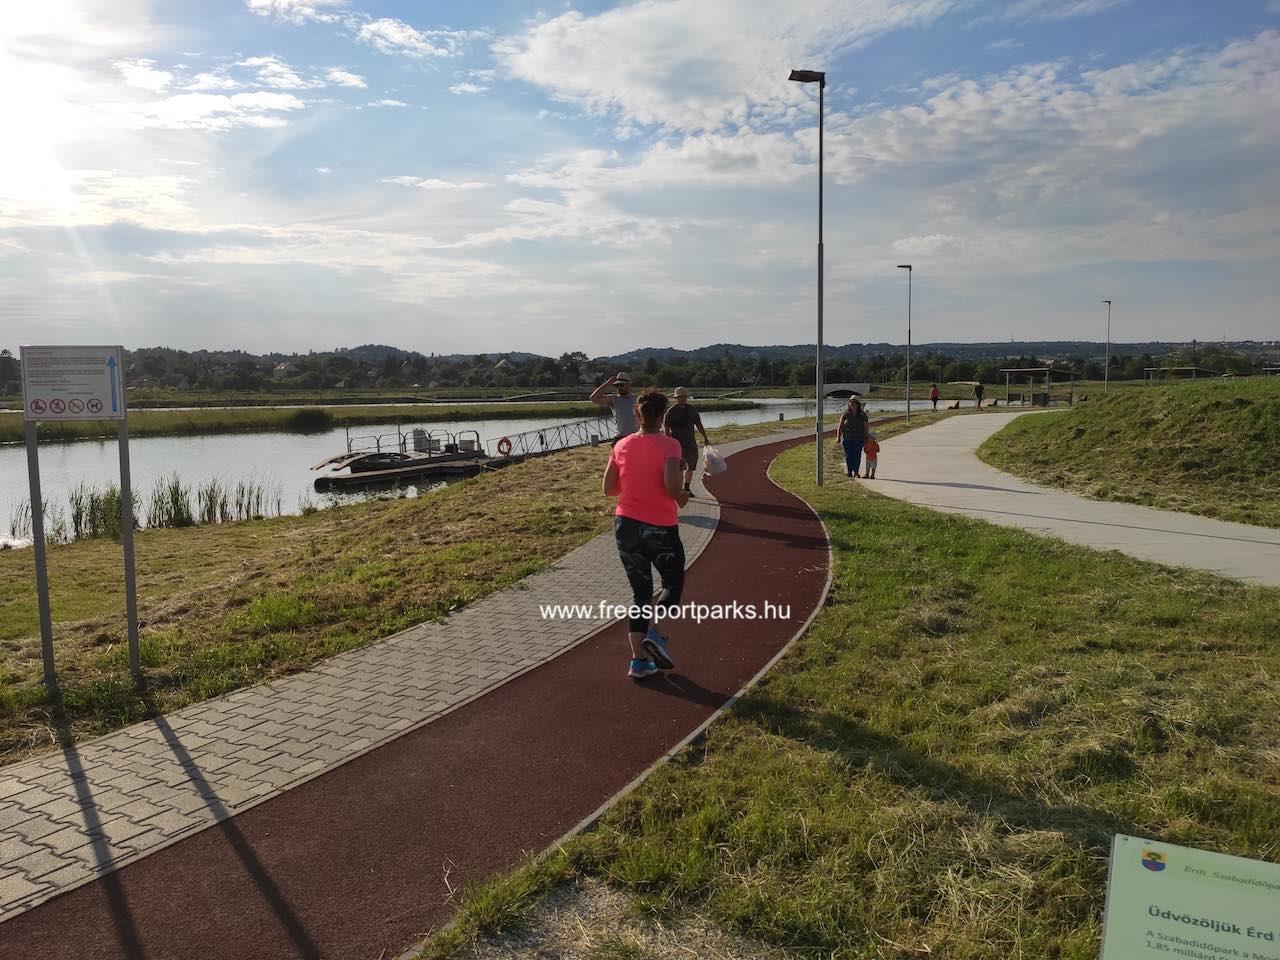 rekortán futópálya - Érd szabadidőpark - Free Sport Parks térkép